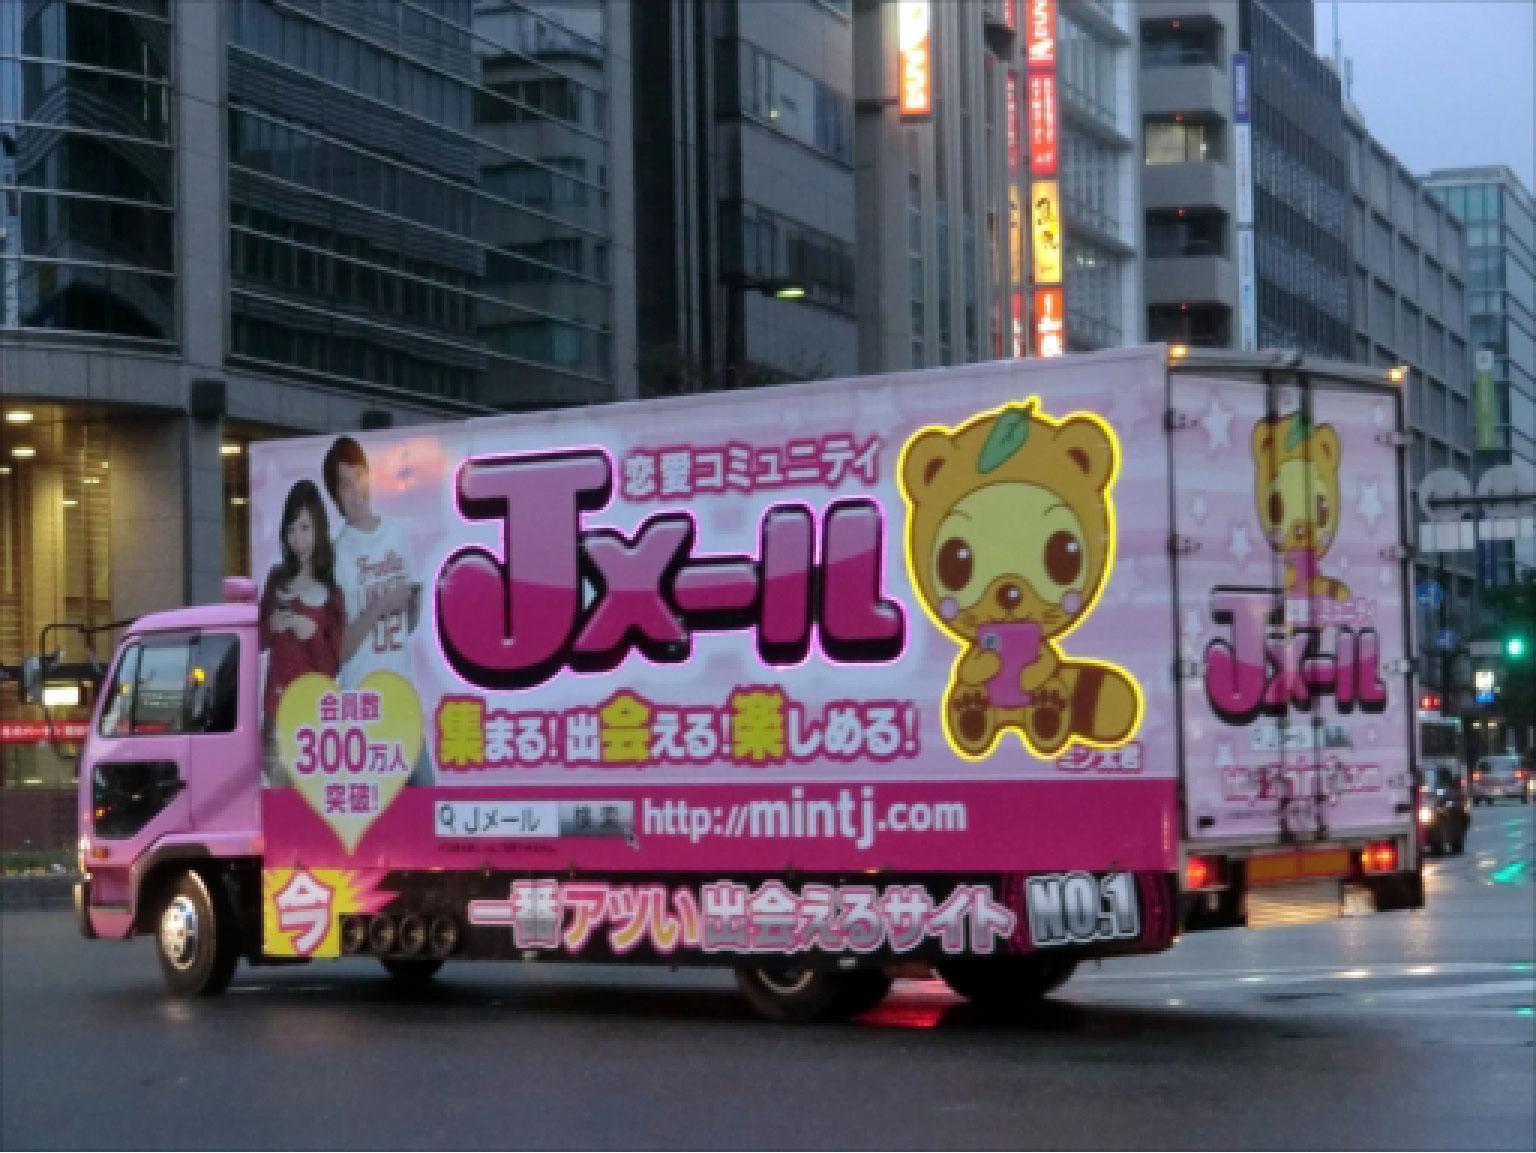 ミントC!Jメールの宣伝トラック